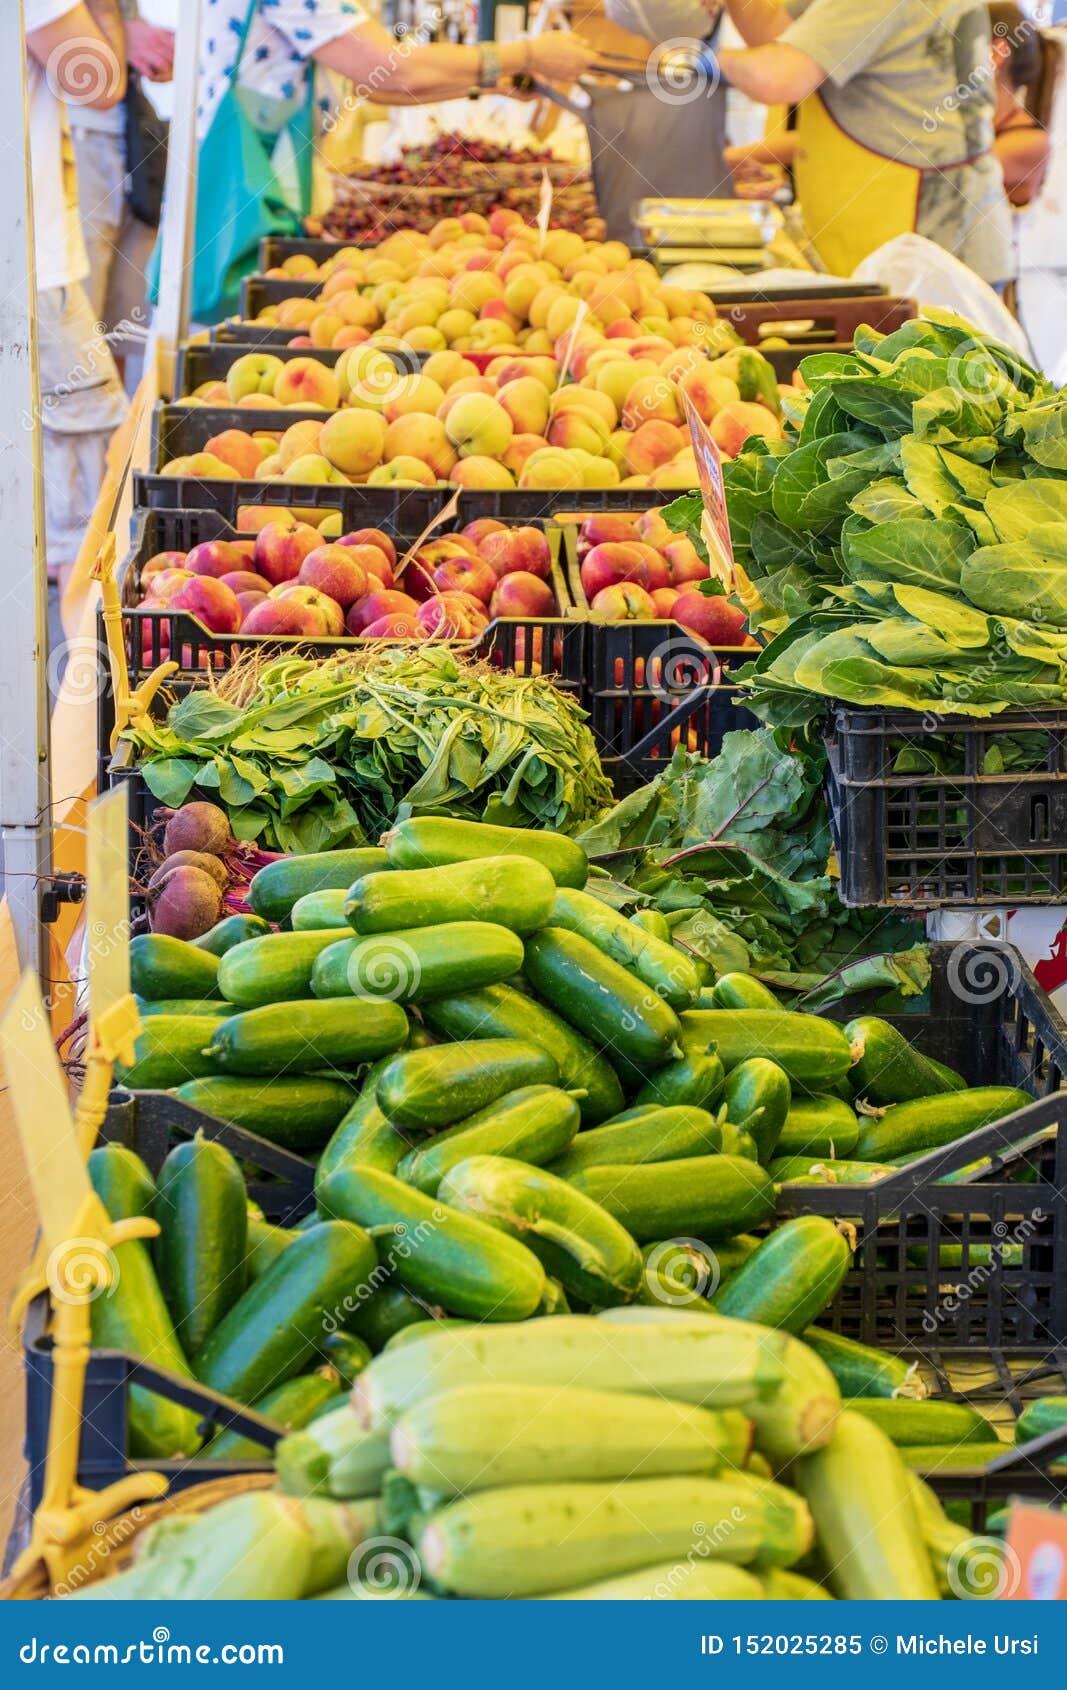 新鲜蔬菜和果子在农夫农业露天市场上,季节性健康食品